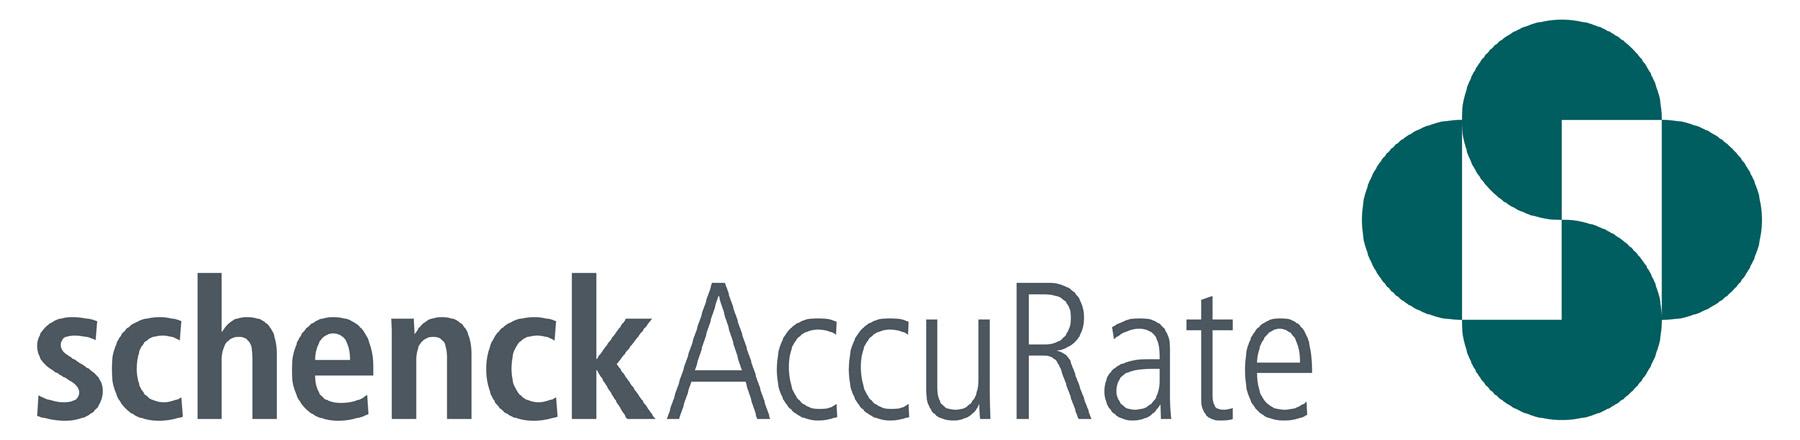 Schenck AccuRate Logo.jpg